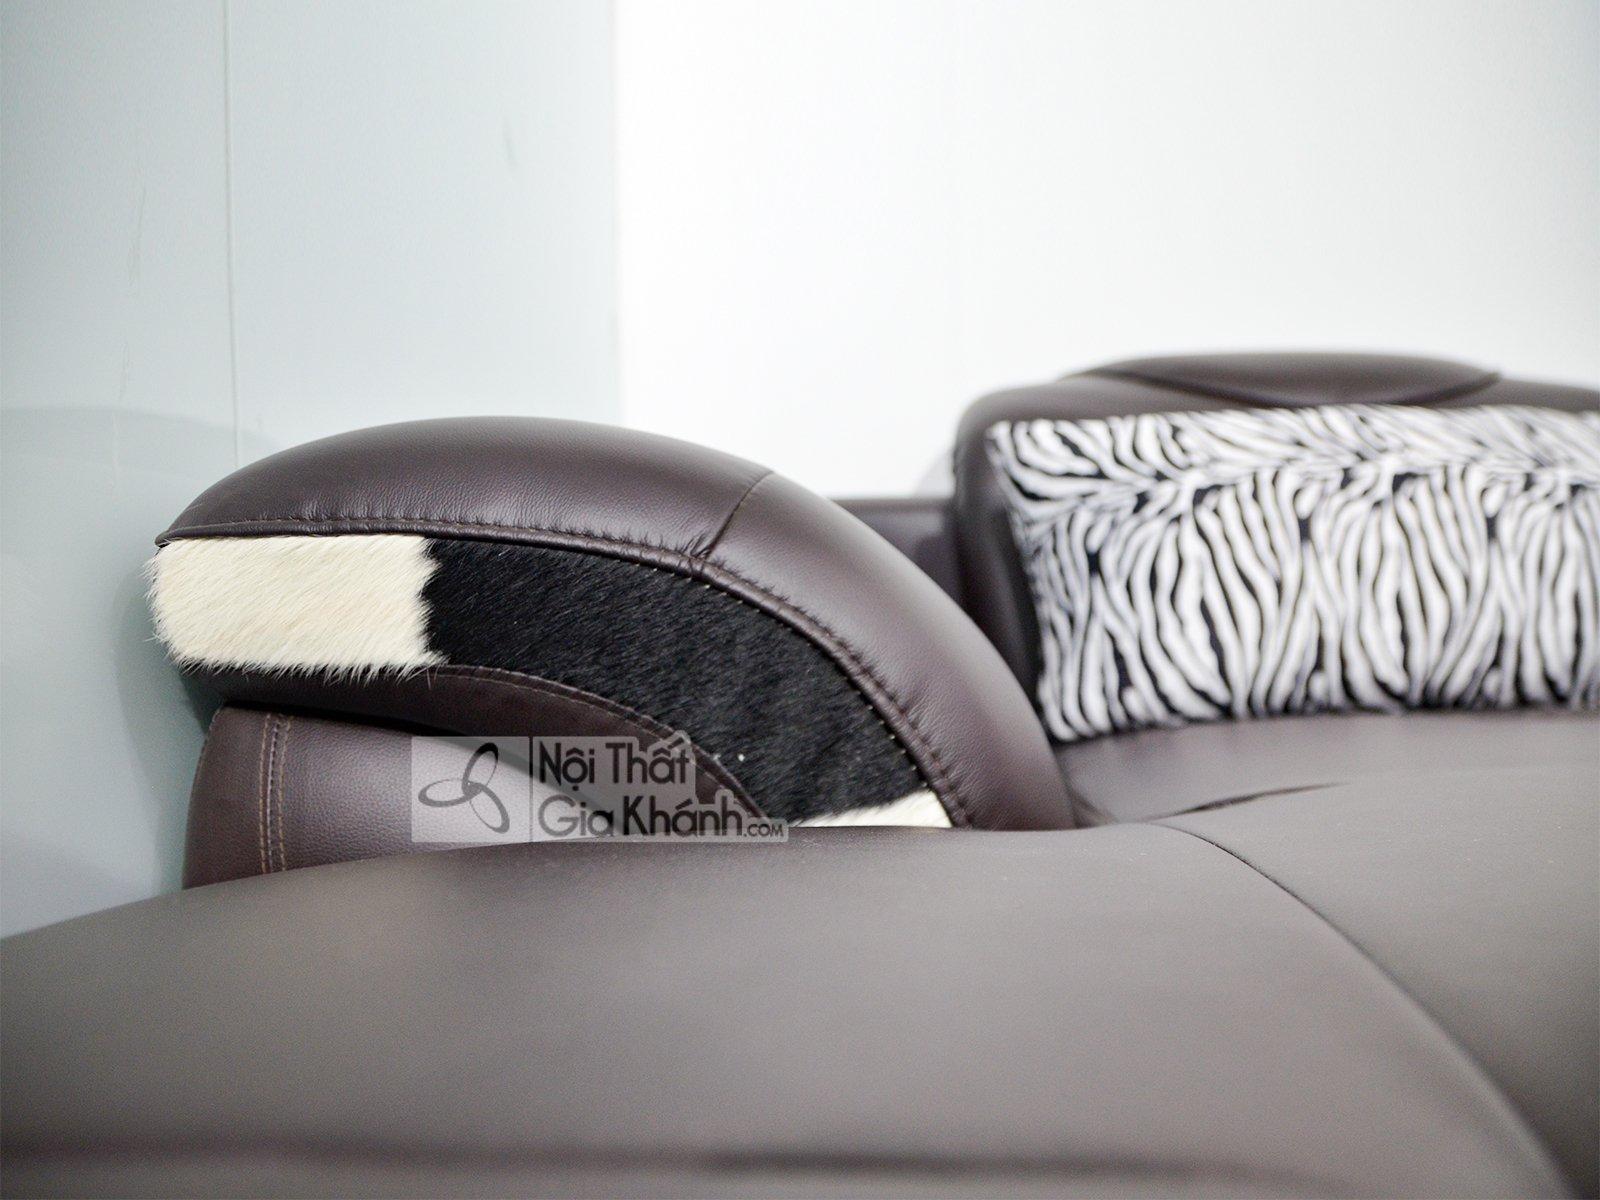 sofa da nau cafe 2 bang goc trai 9193n sf 3 - Sofa da hiện đại cho phòng khách SP0919-2-A1